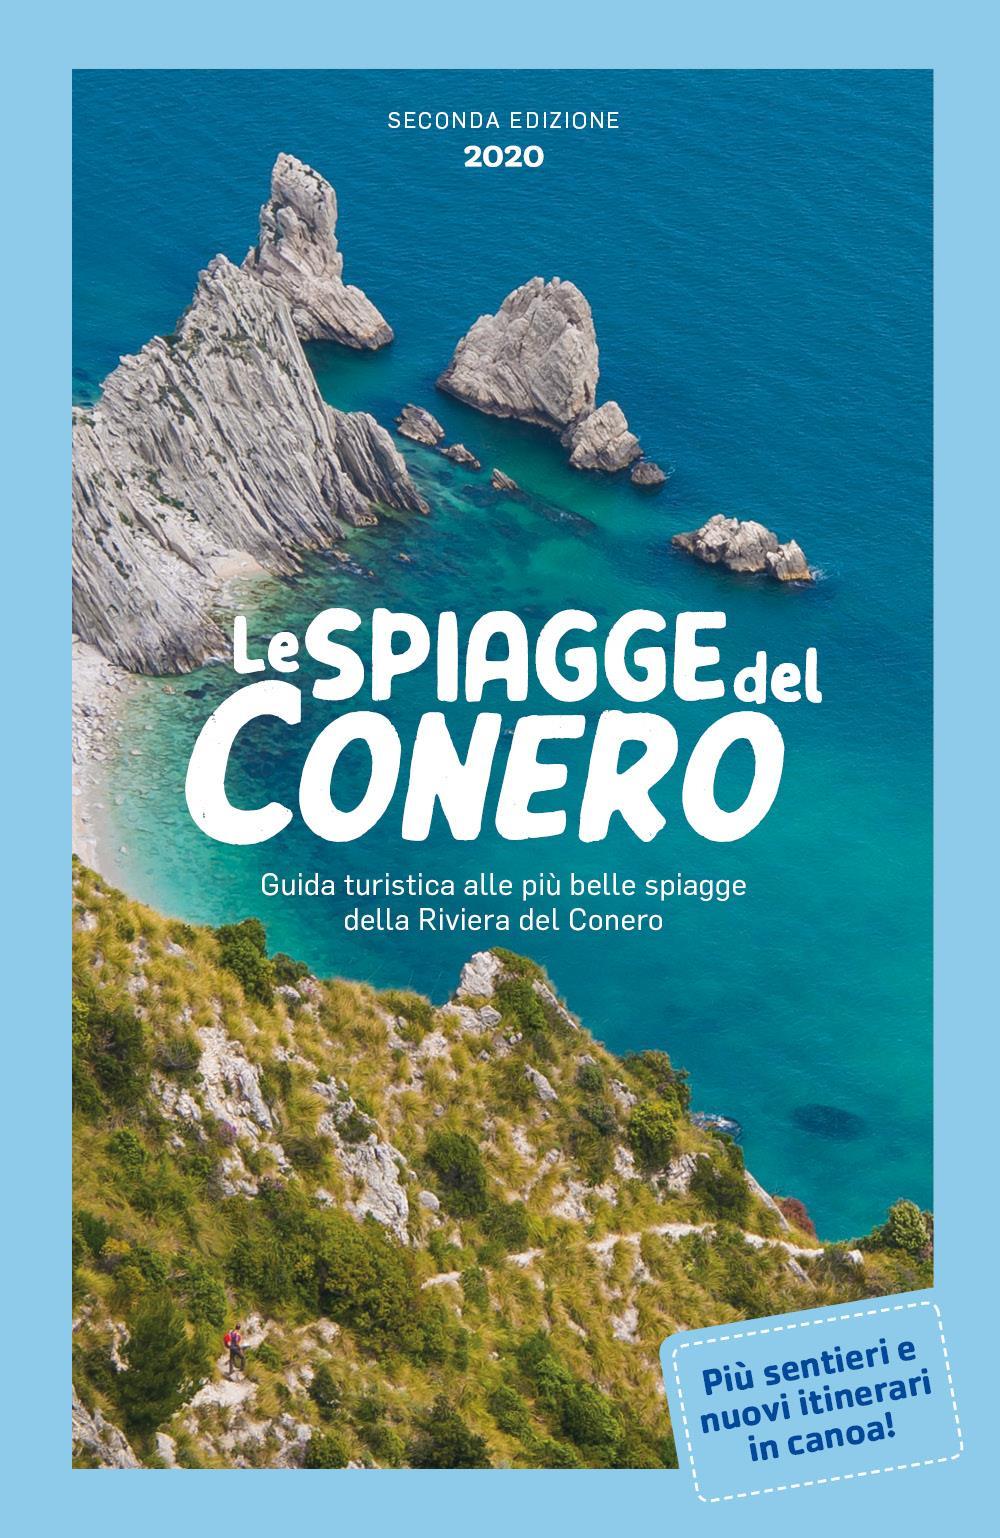 Le spiagge del Conero. Seconda edizione 2020